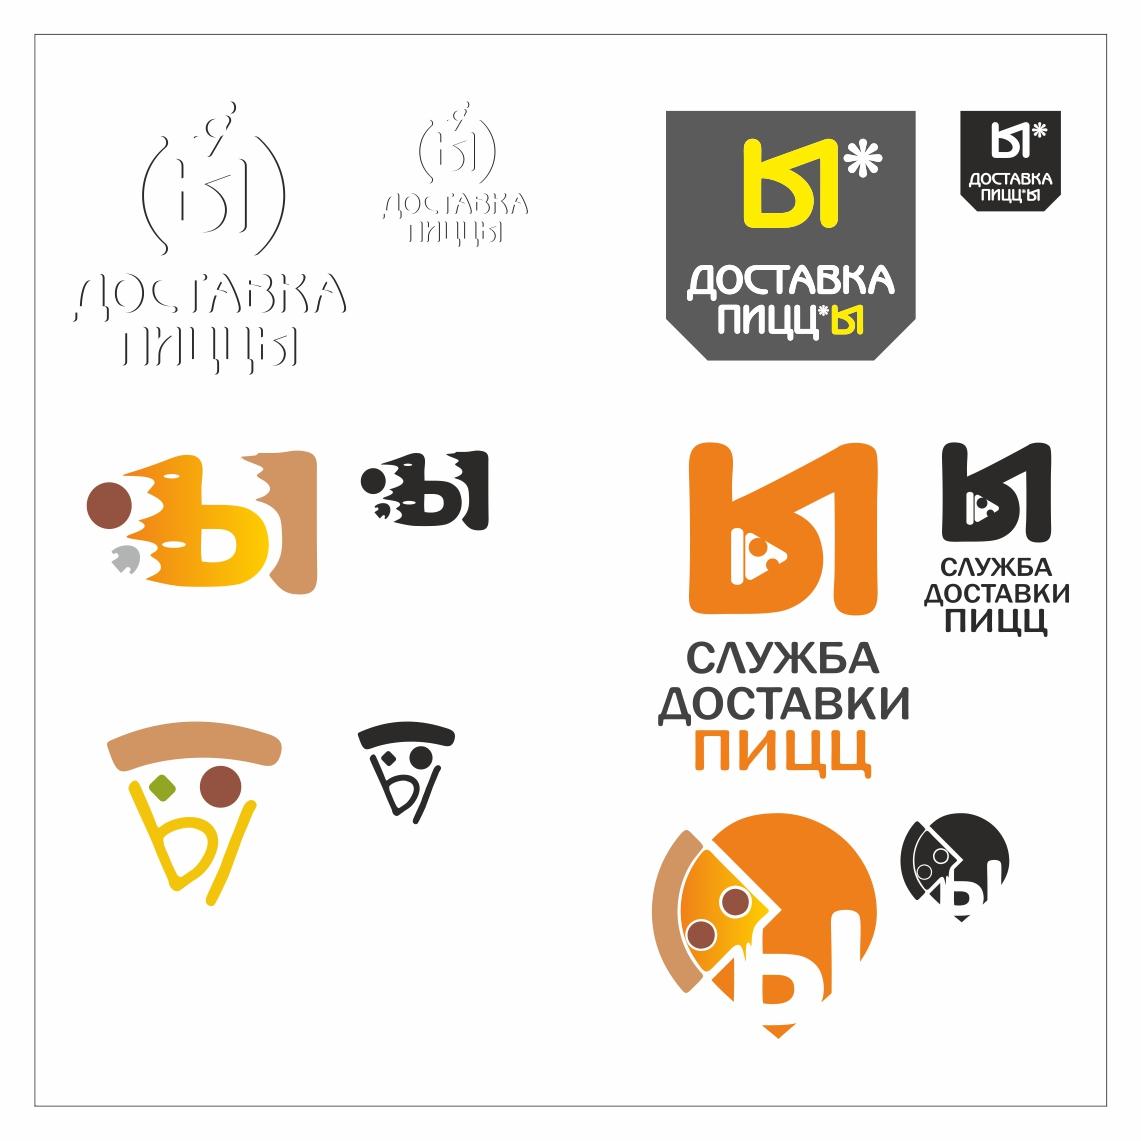 Разыскивается дизайнер для разработки лого службы доставки фото f_6065c35cbedbc9db.jpg